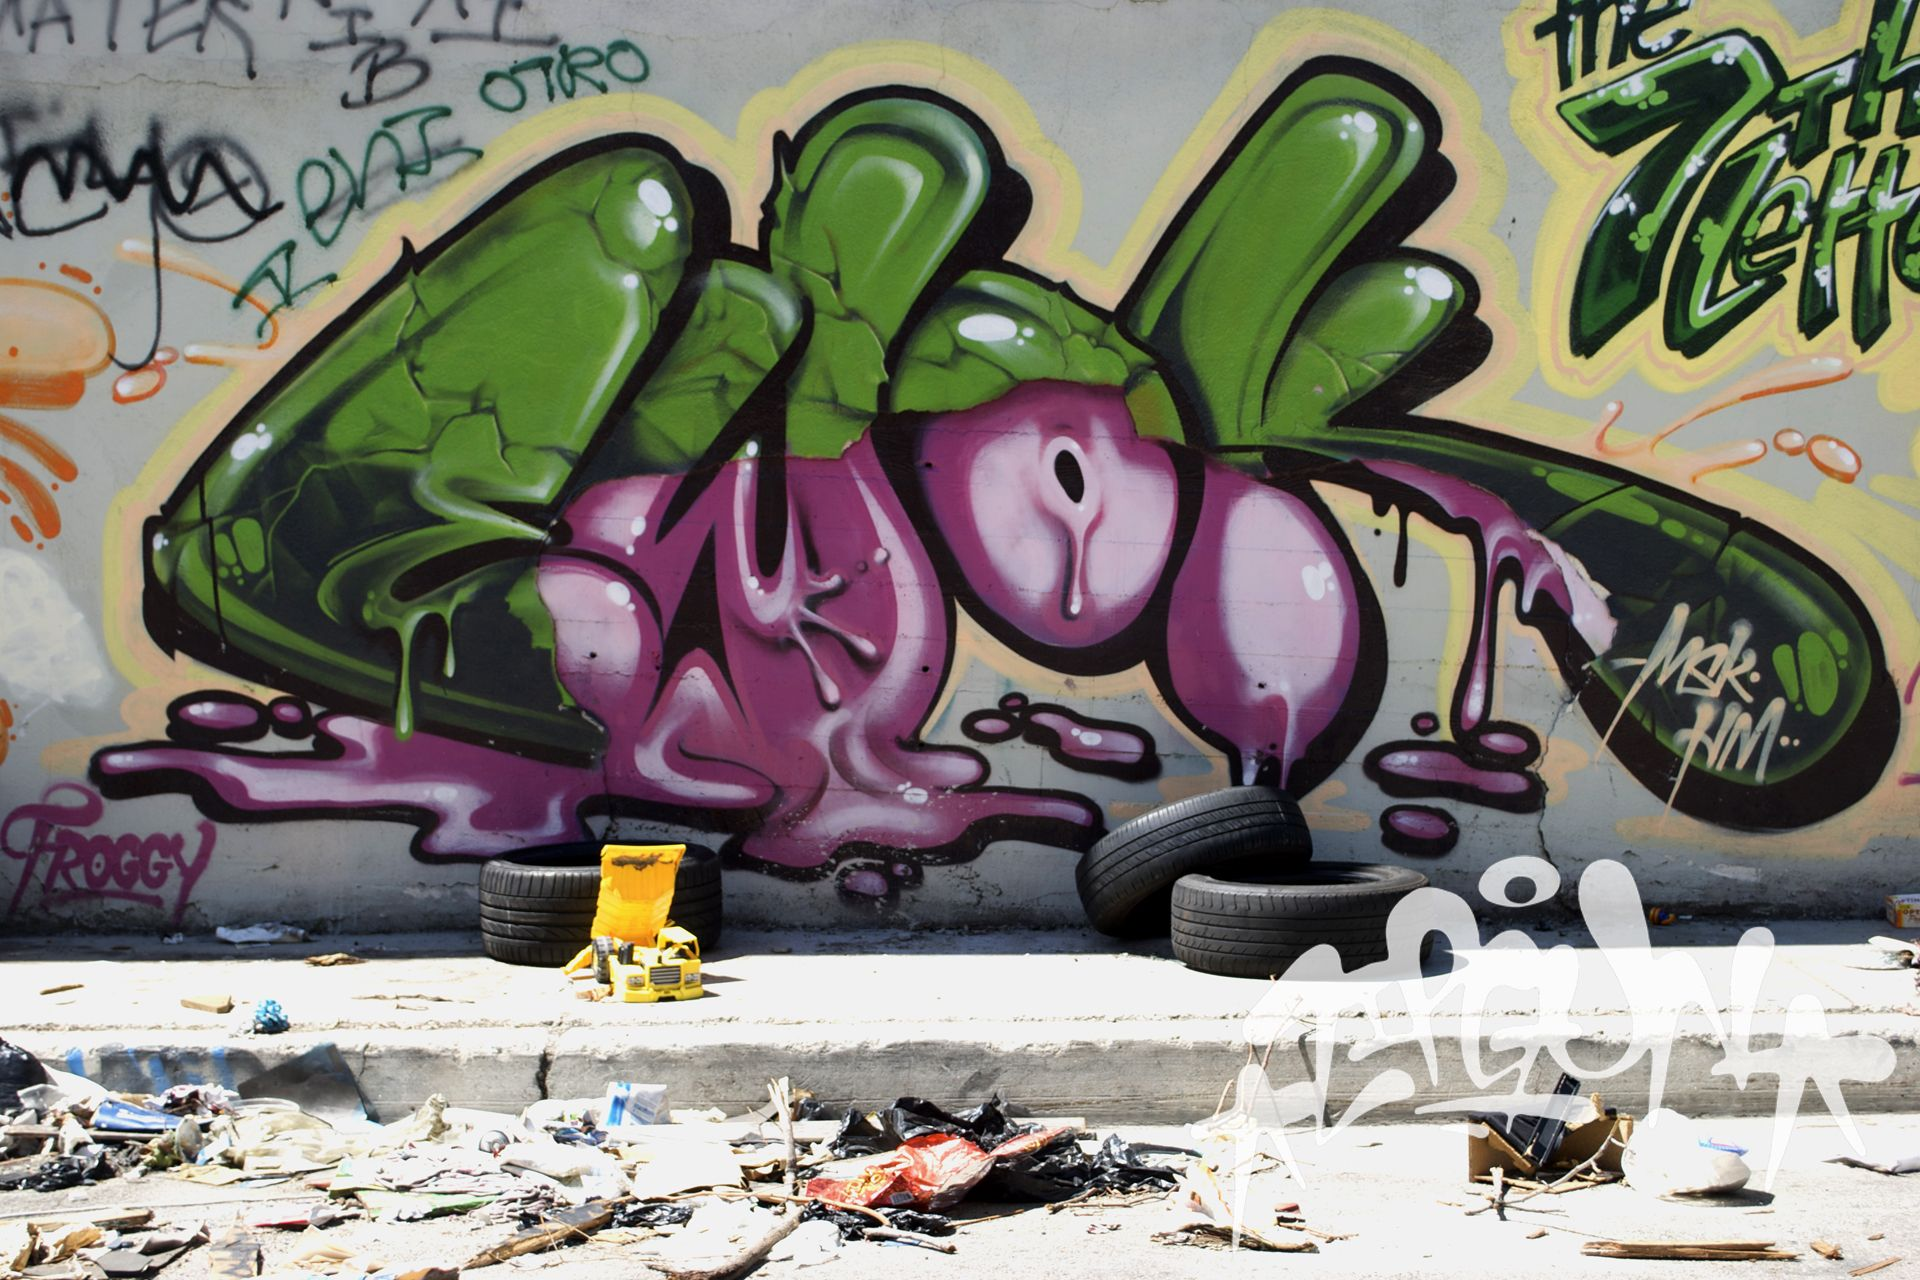 из картинка превратить в граффити привлекательный скрипт